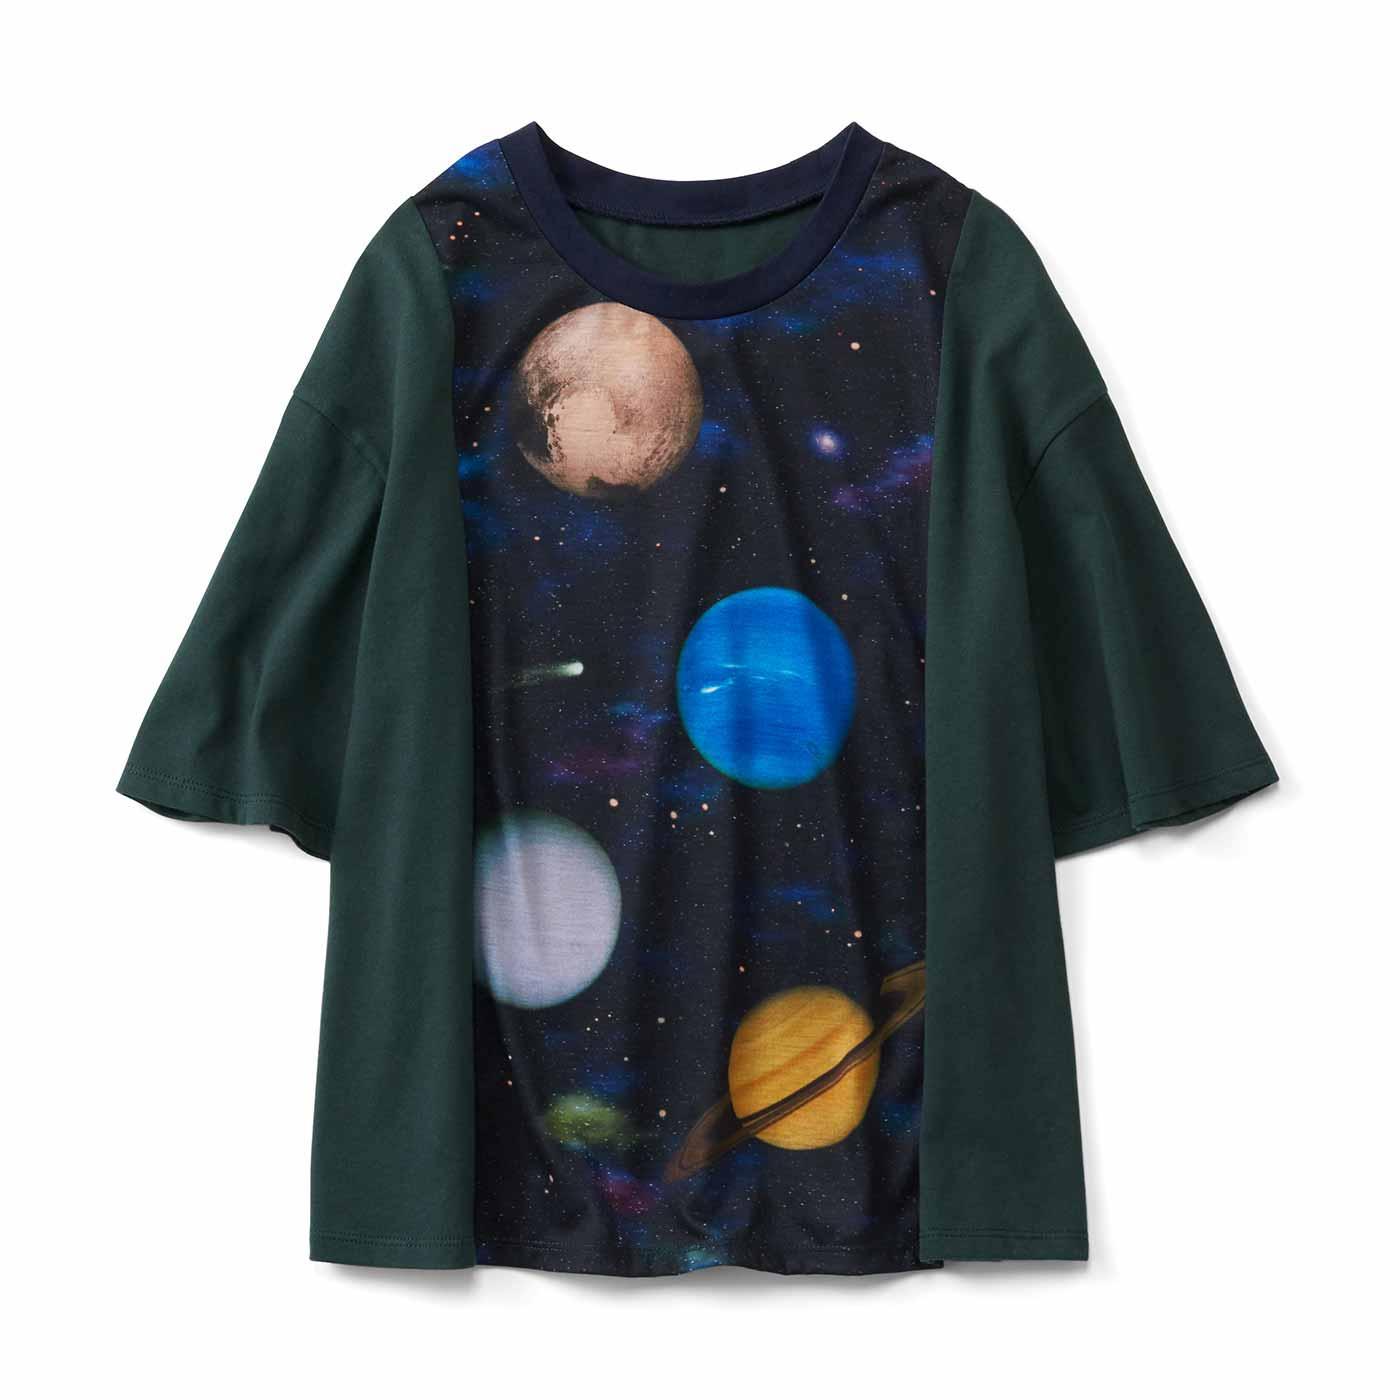 宇宙プリントのリメイク風Tシャツ